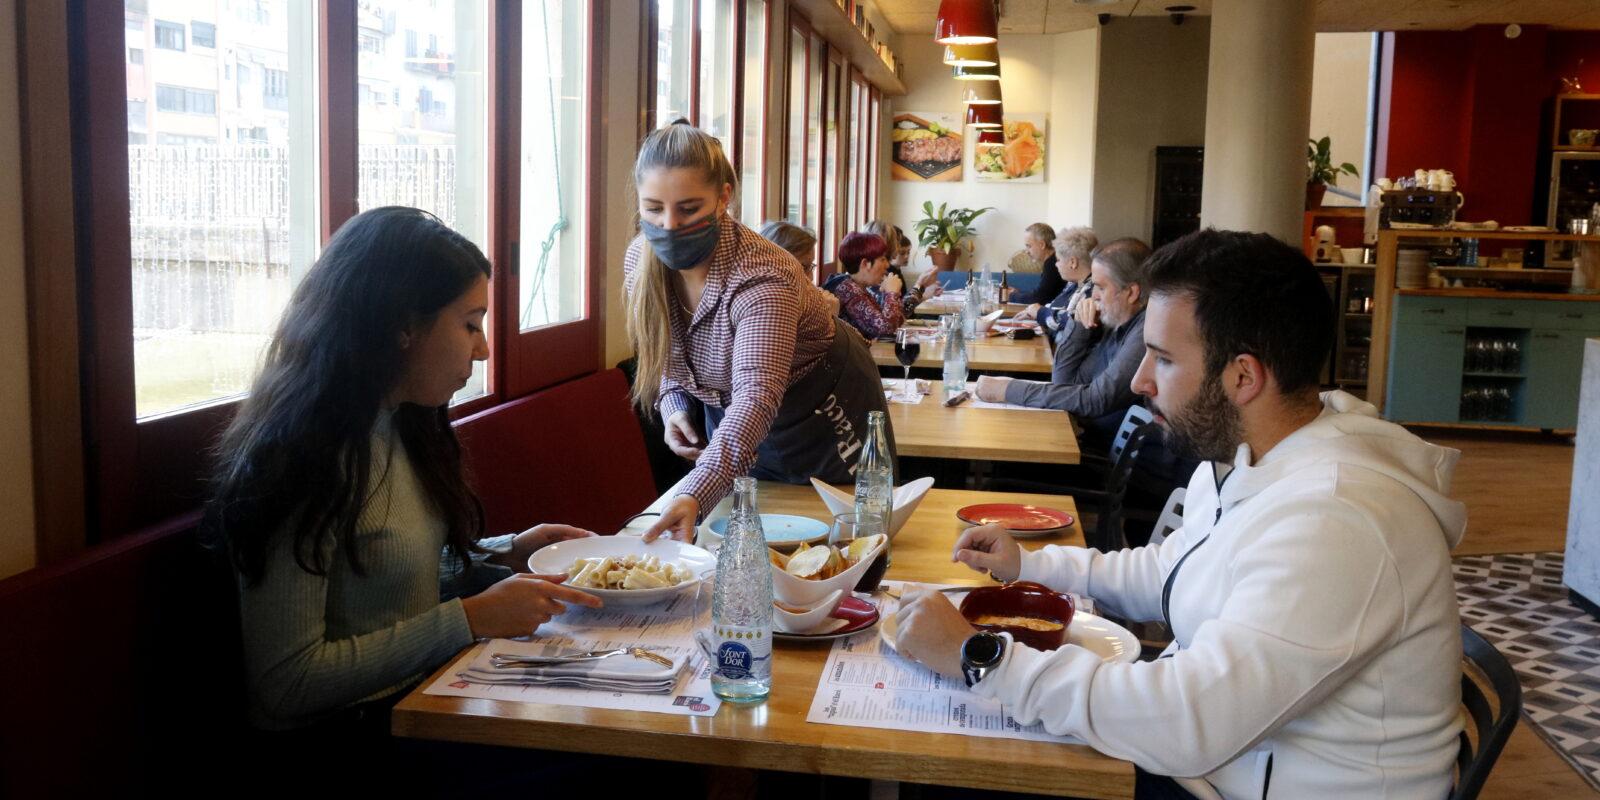 Una cambrera serveix un dinar a una parella al restaurant 'El racó' de la plaça Independència de Girona | ACN